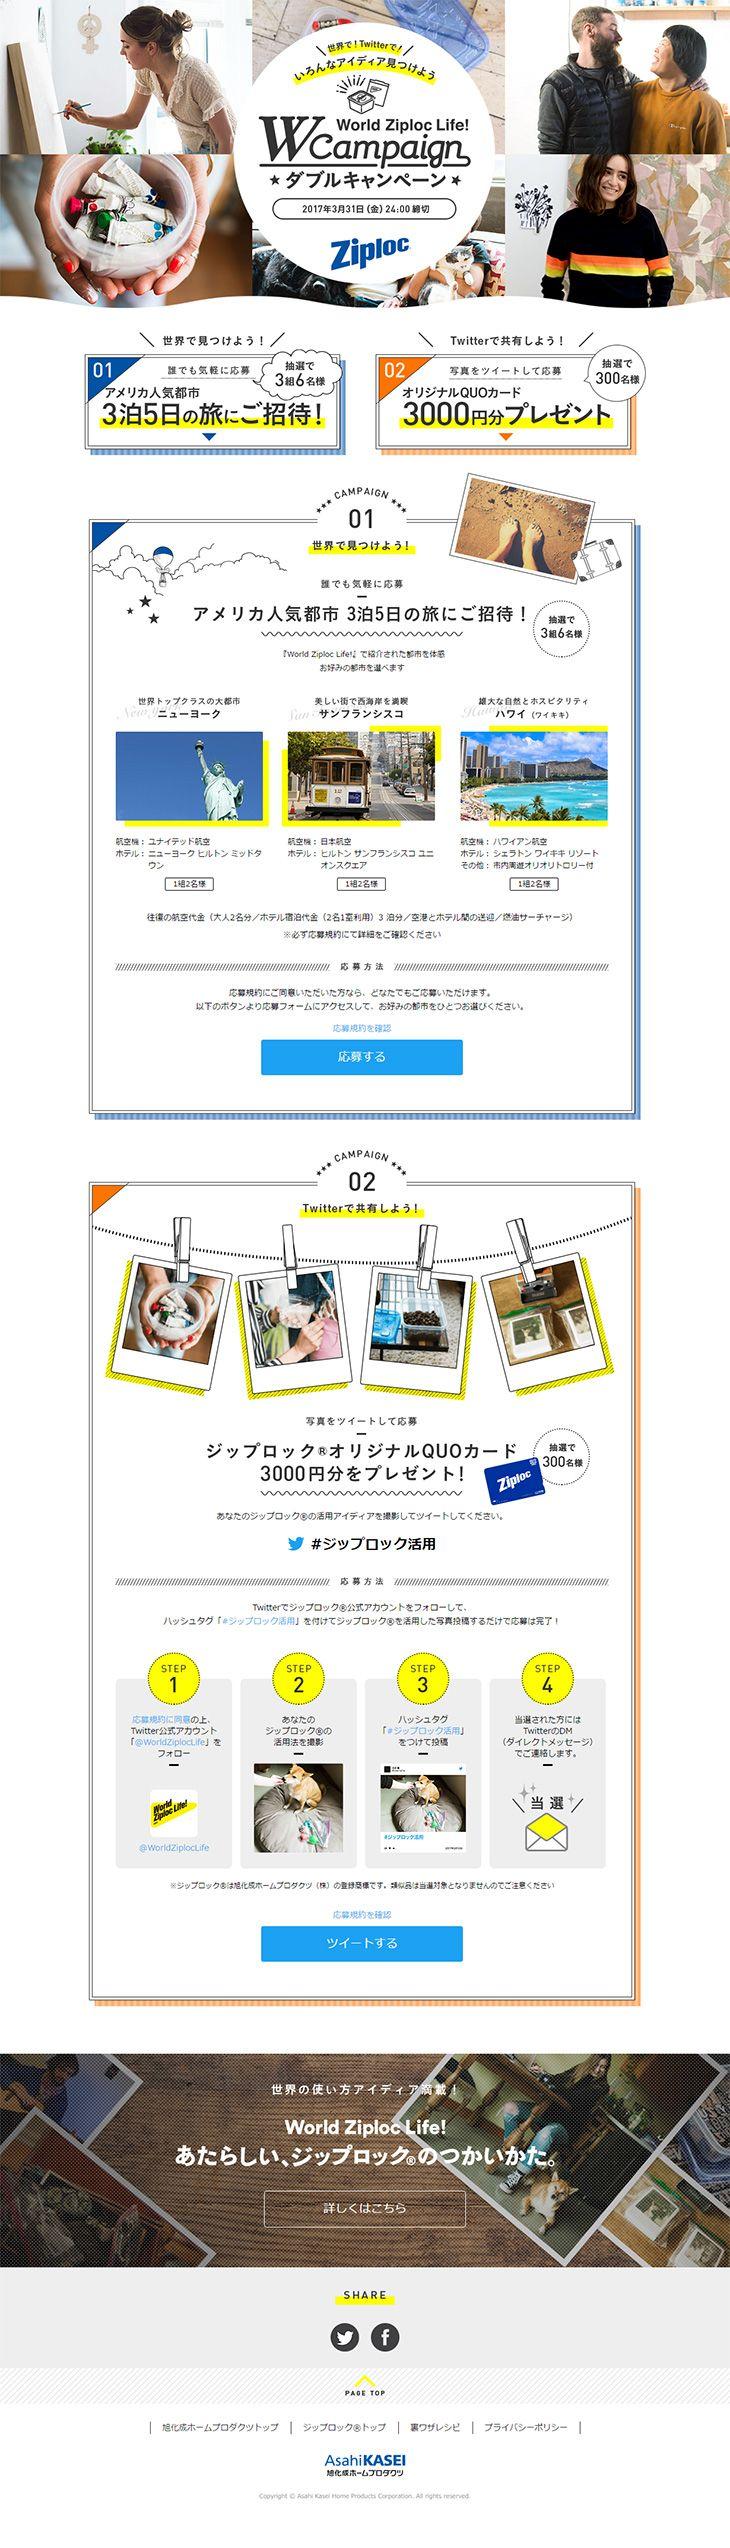 World Ziploc Life! ダブルキャンペーン【日用雑貨関連】のLPデザイン。WEBデザイナーさん必見!ランディングページのデザイン参考に(シンプル系)